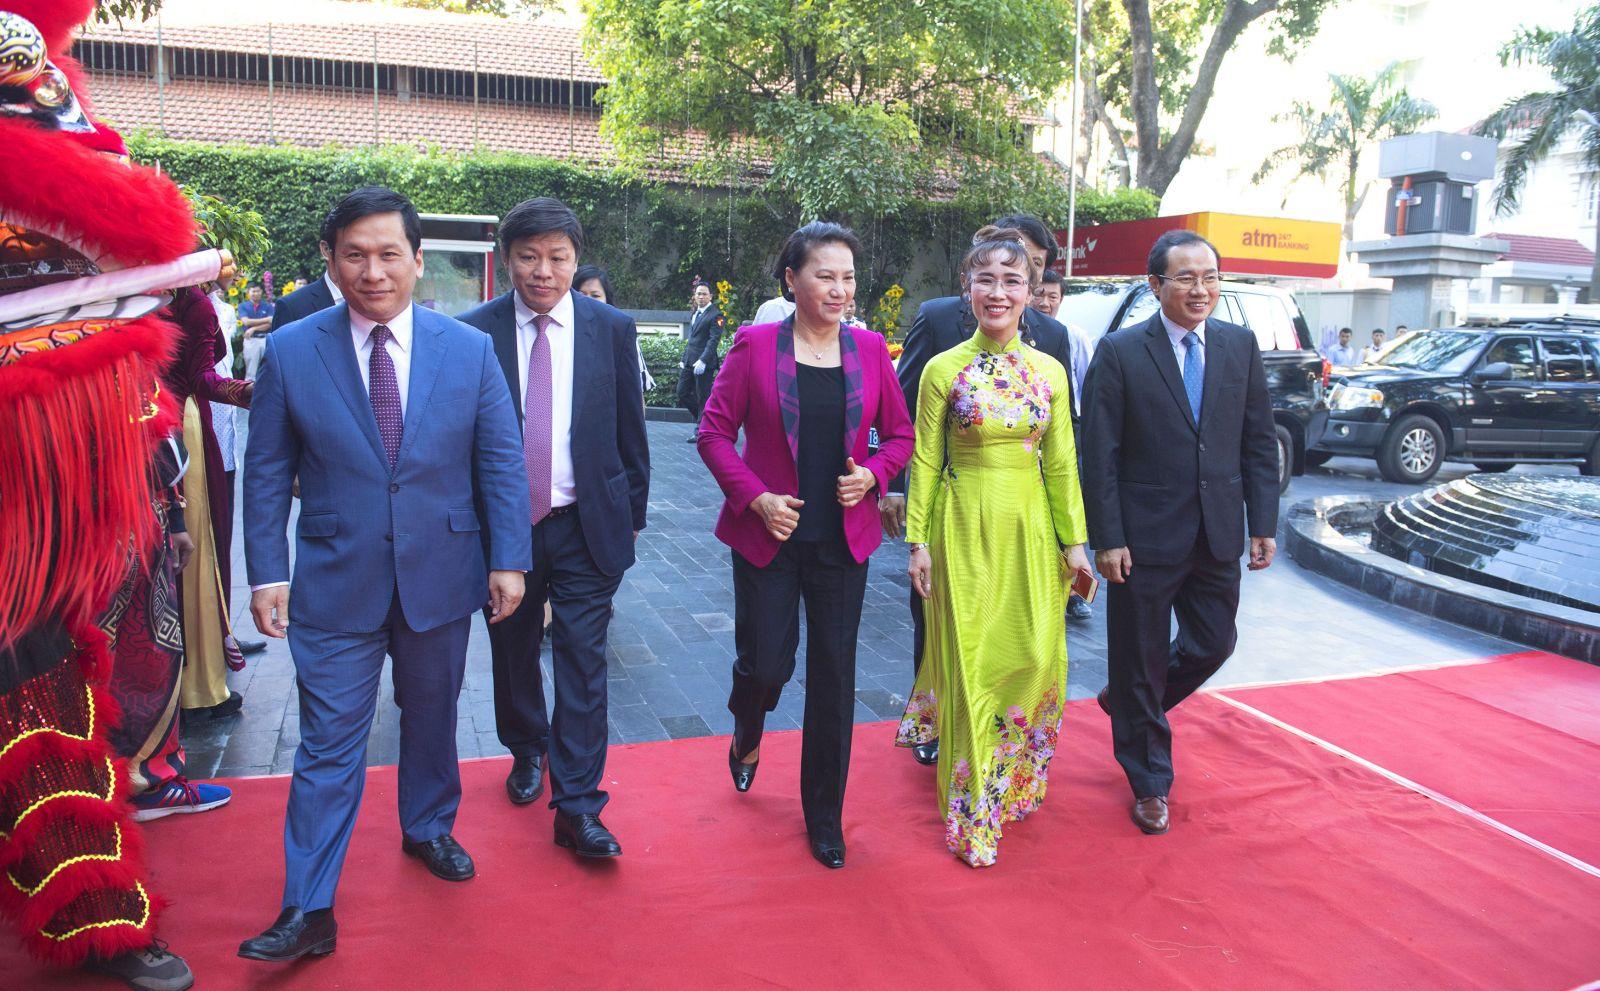 Chủ tịch Quốc hội Nguyễn Thị Kim Ngân thăm và chúc Tết tập đoàn Sovico